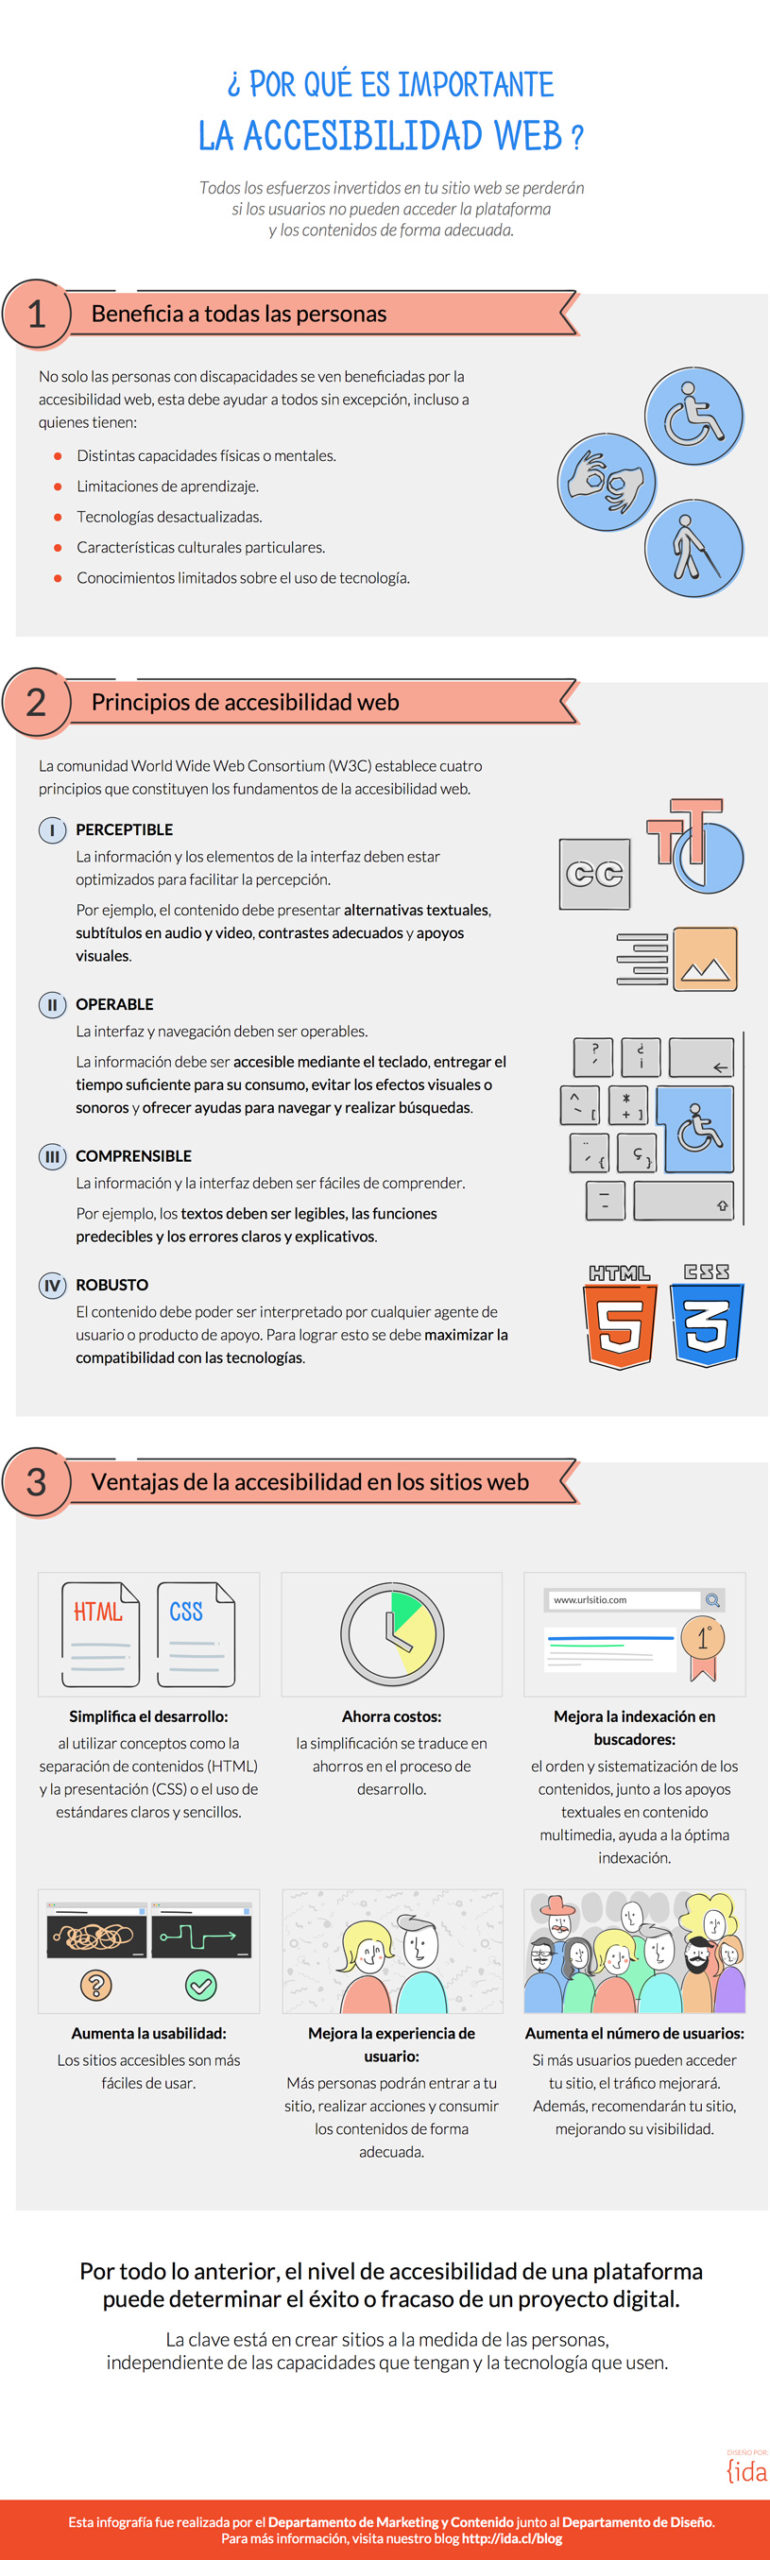 ¿Por qué hacer una web accesible?